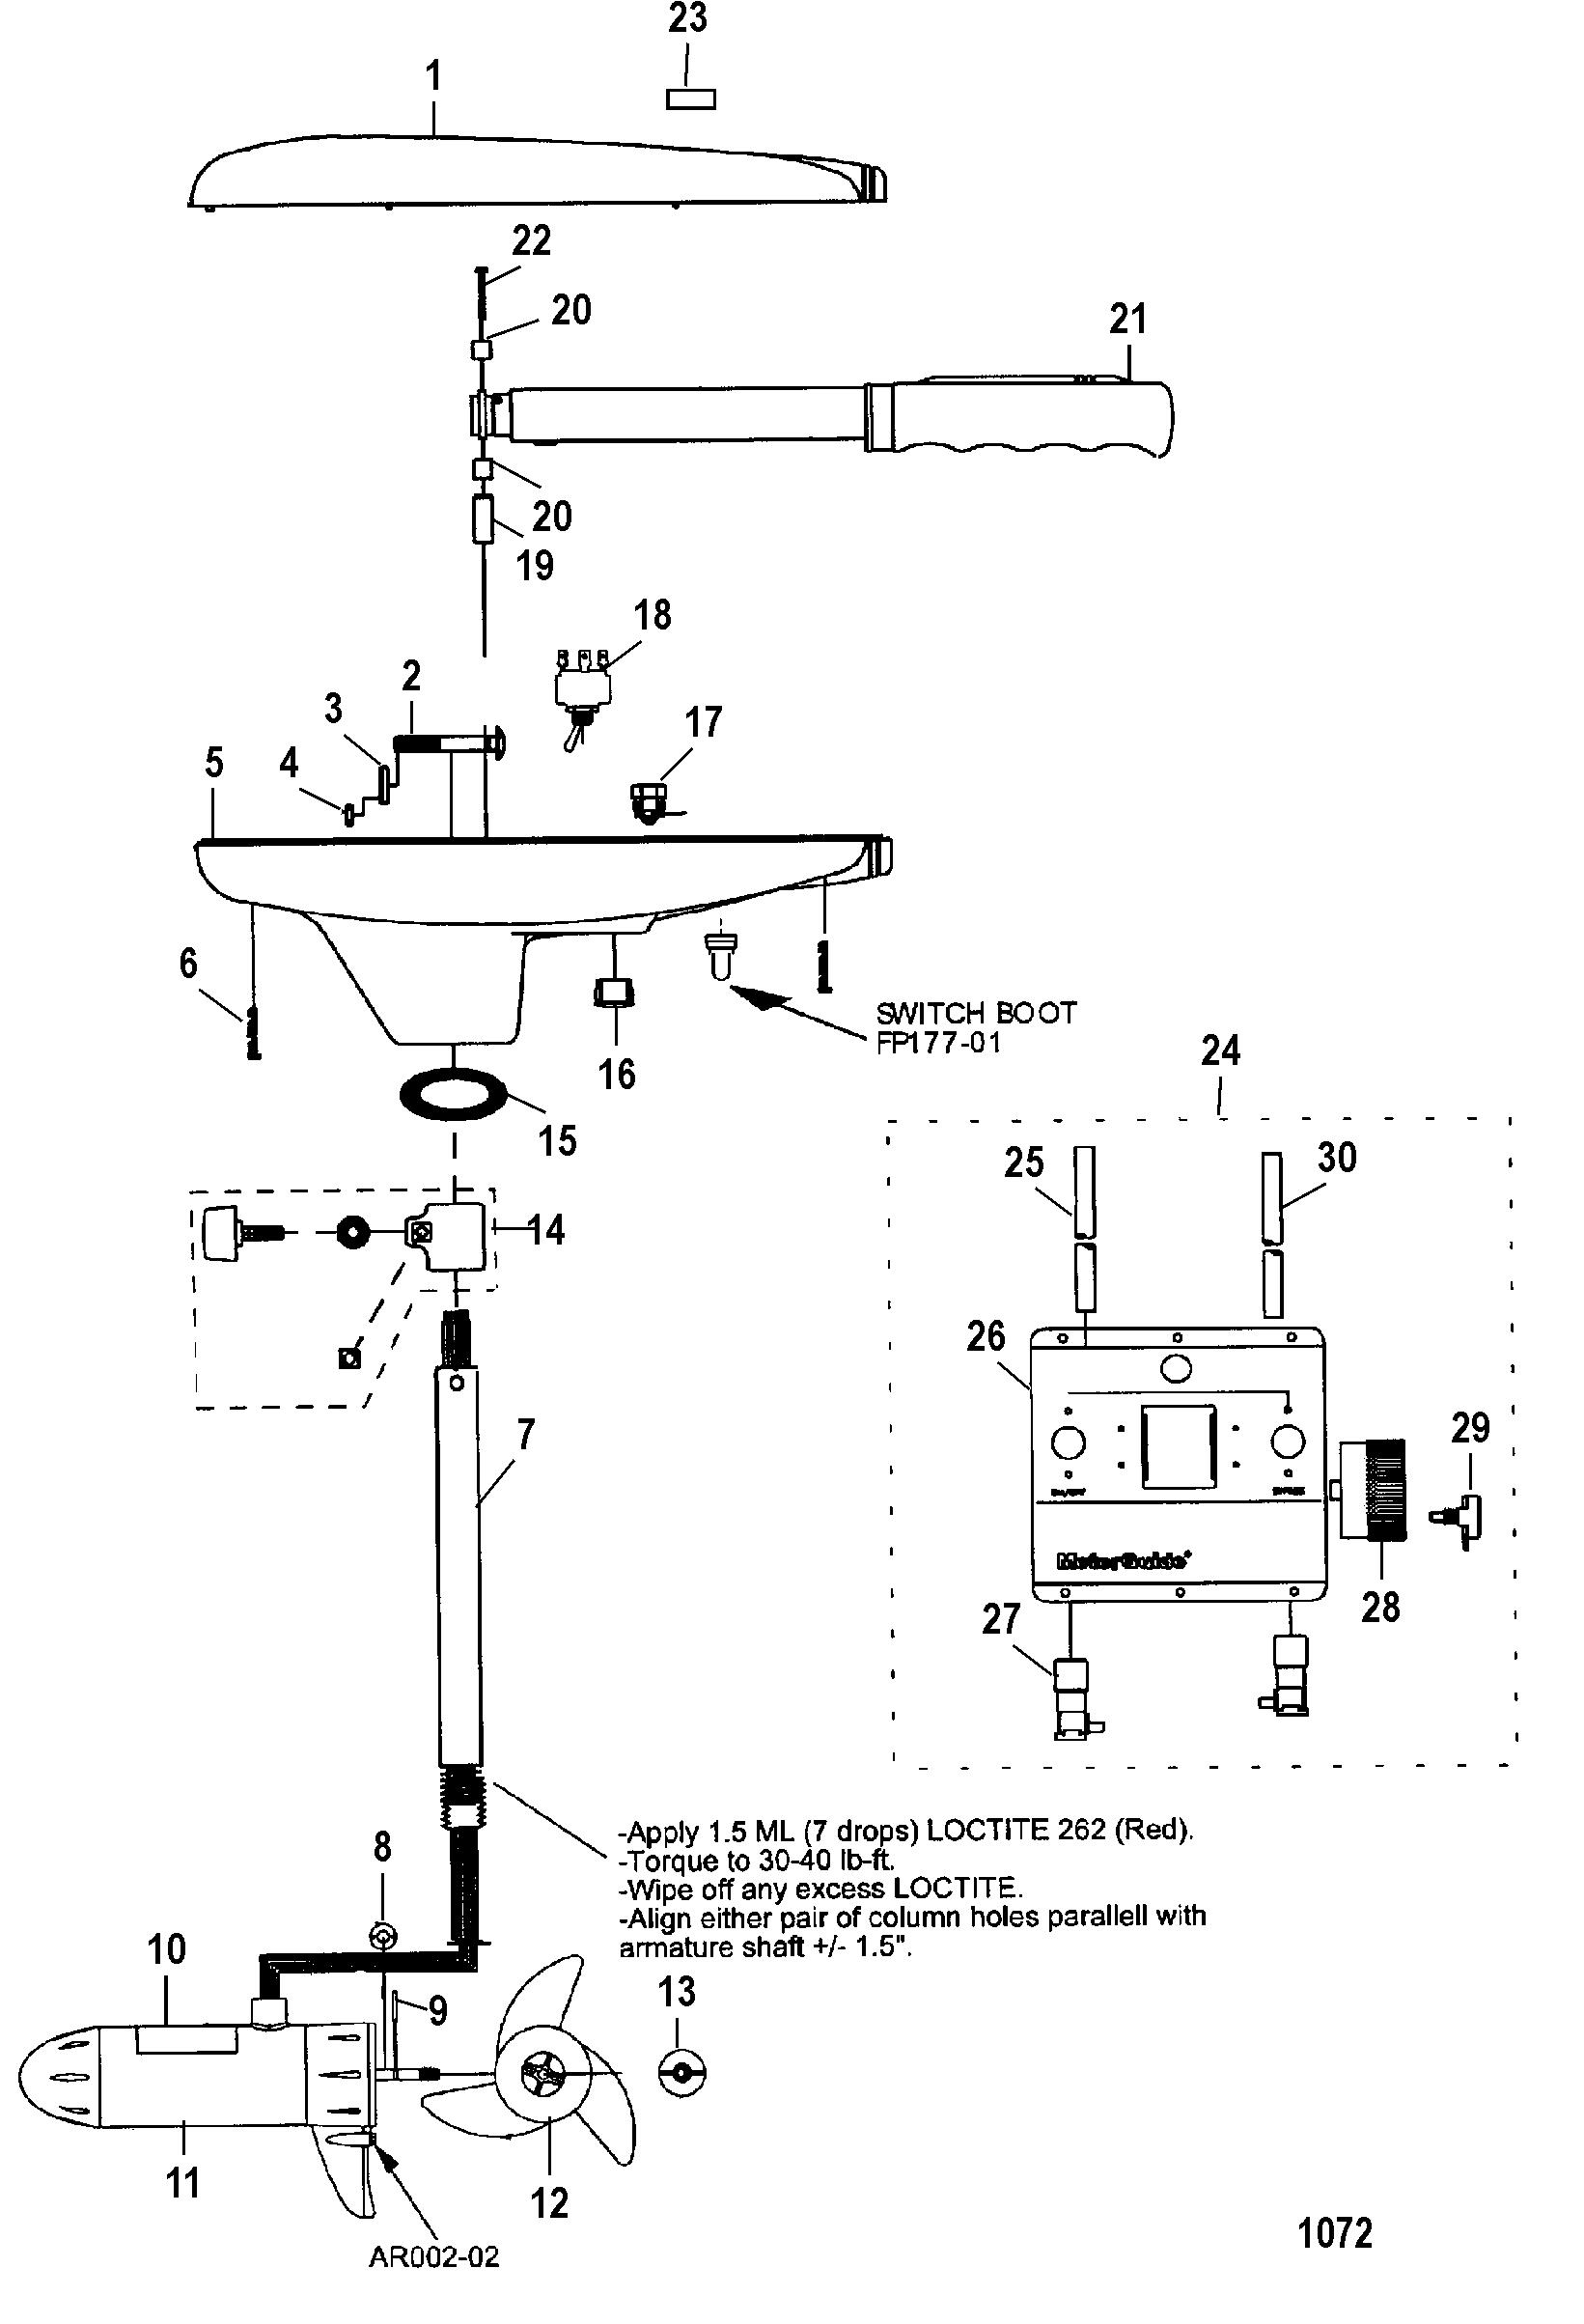 Motorguide Brute Trolling Motor Wiring Diagram